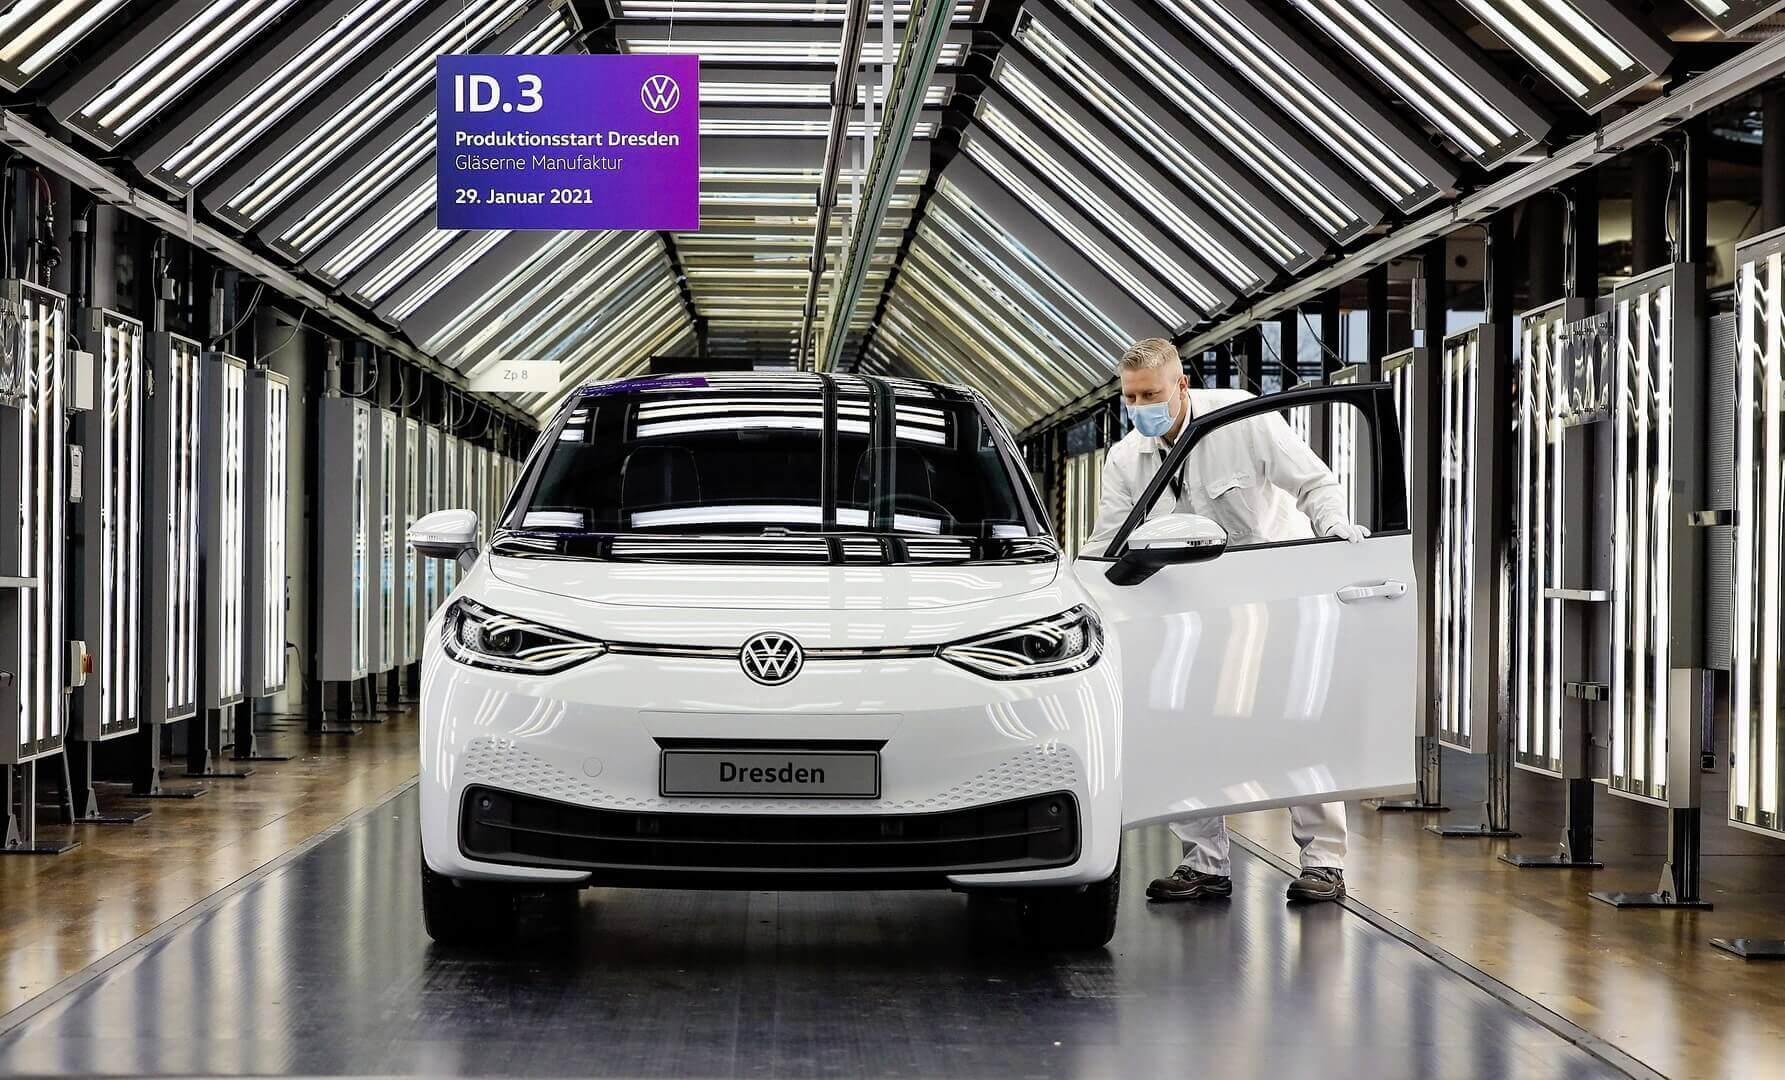 Первый Volkswagen ID.3 сошел сконвейера «Прозрачной фабрики» вДрездене